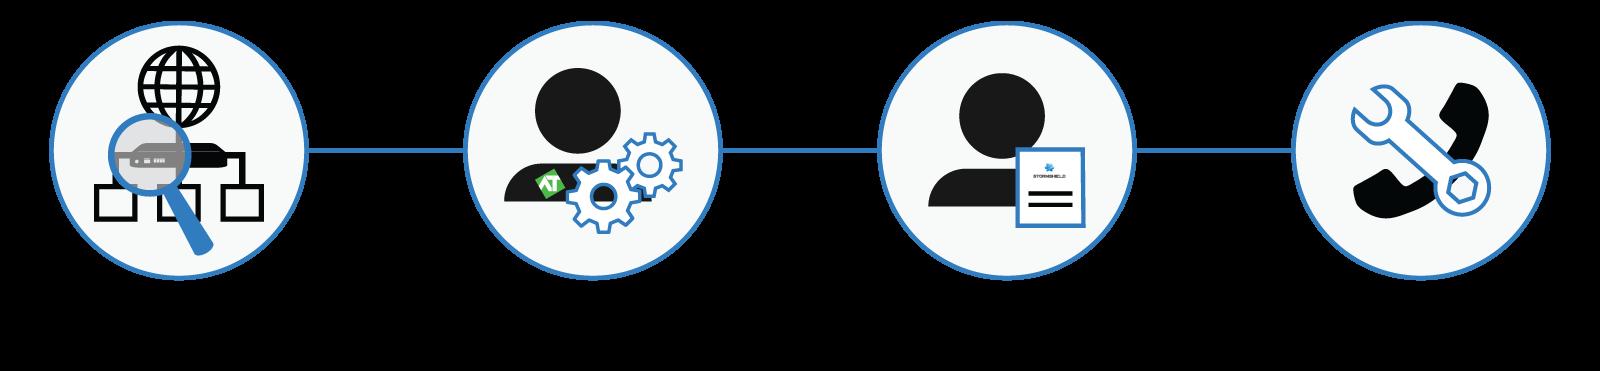 Stormshield wdrożenie rozwiązania ze szkoleniem i pomocą techniczną Analiza sieci wdrożenie urządzenia indywidualne szkolenie opieka techniczna dwutygodniowa